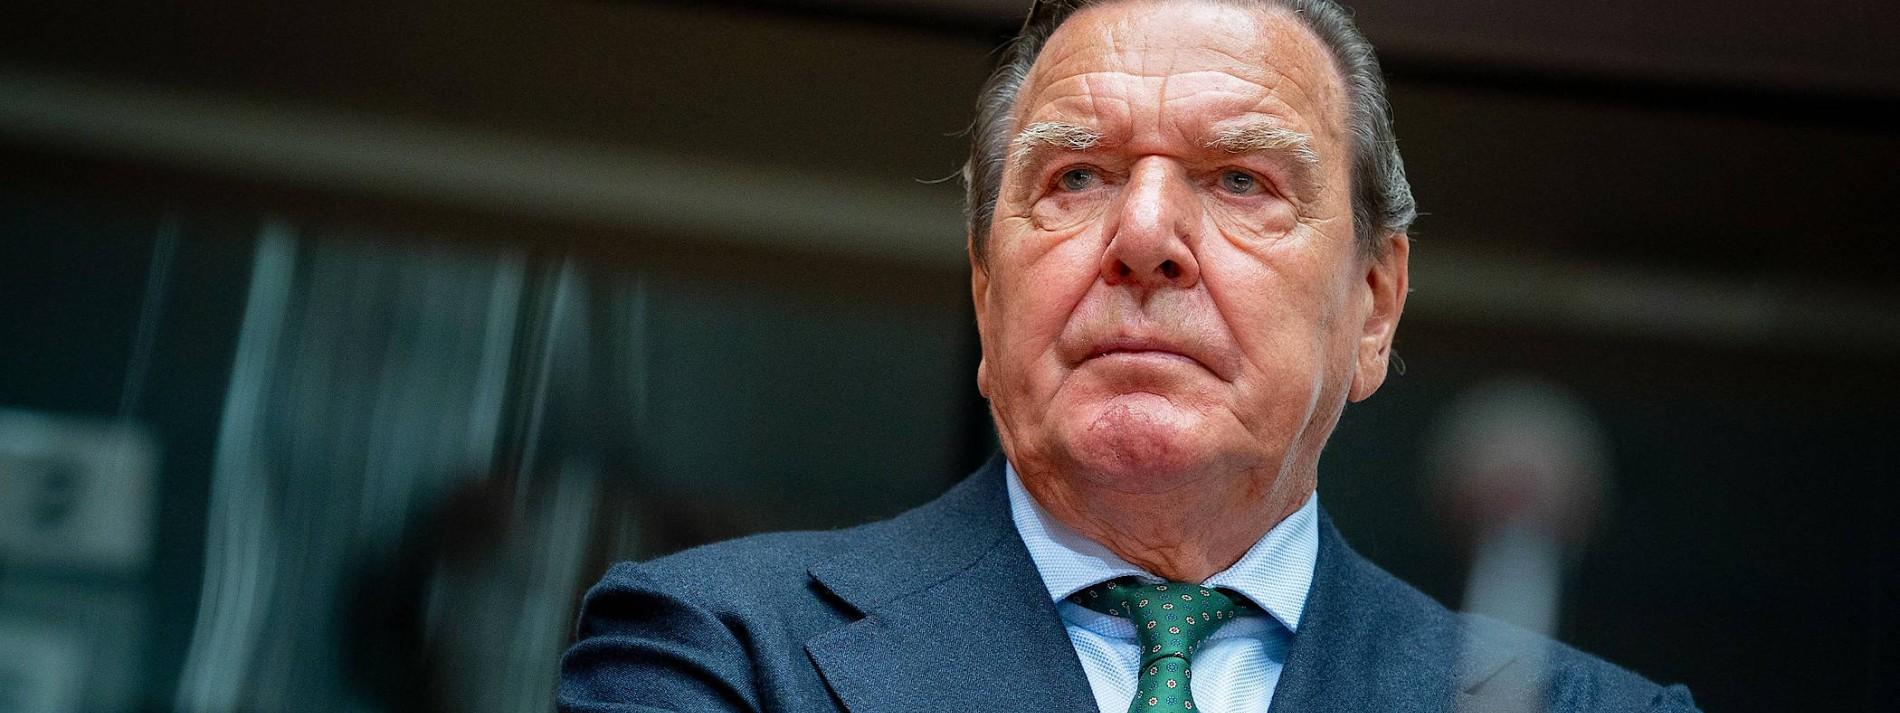 """Schröder: Annexion der Krim """"klarer Bruch des Völkerrechts"""""""